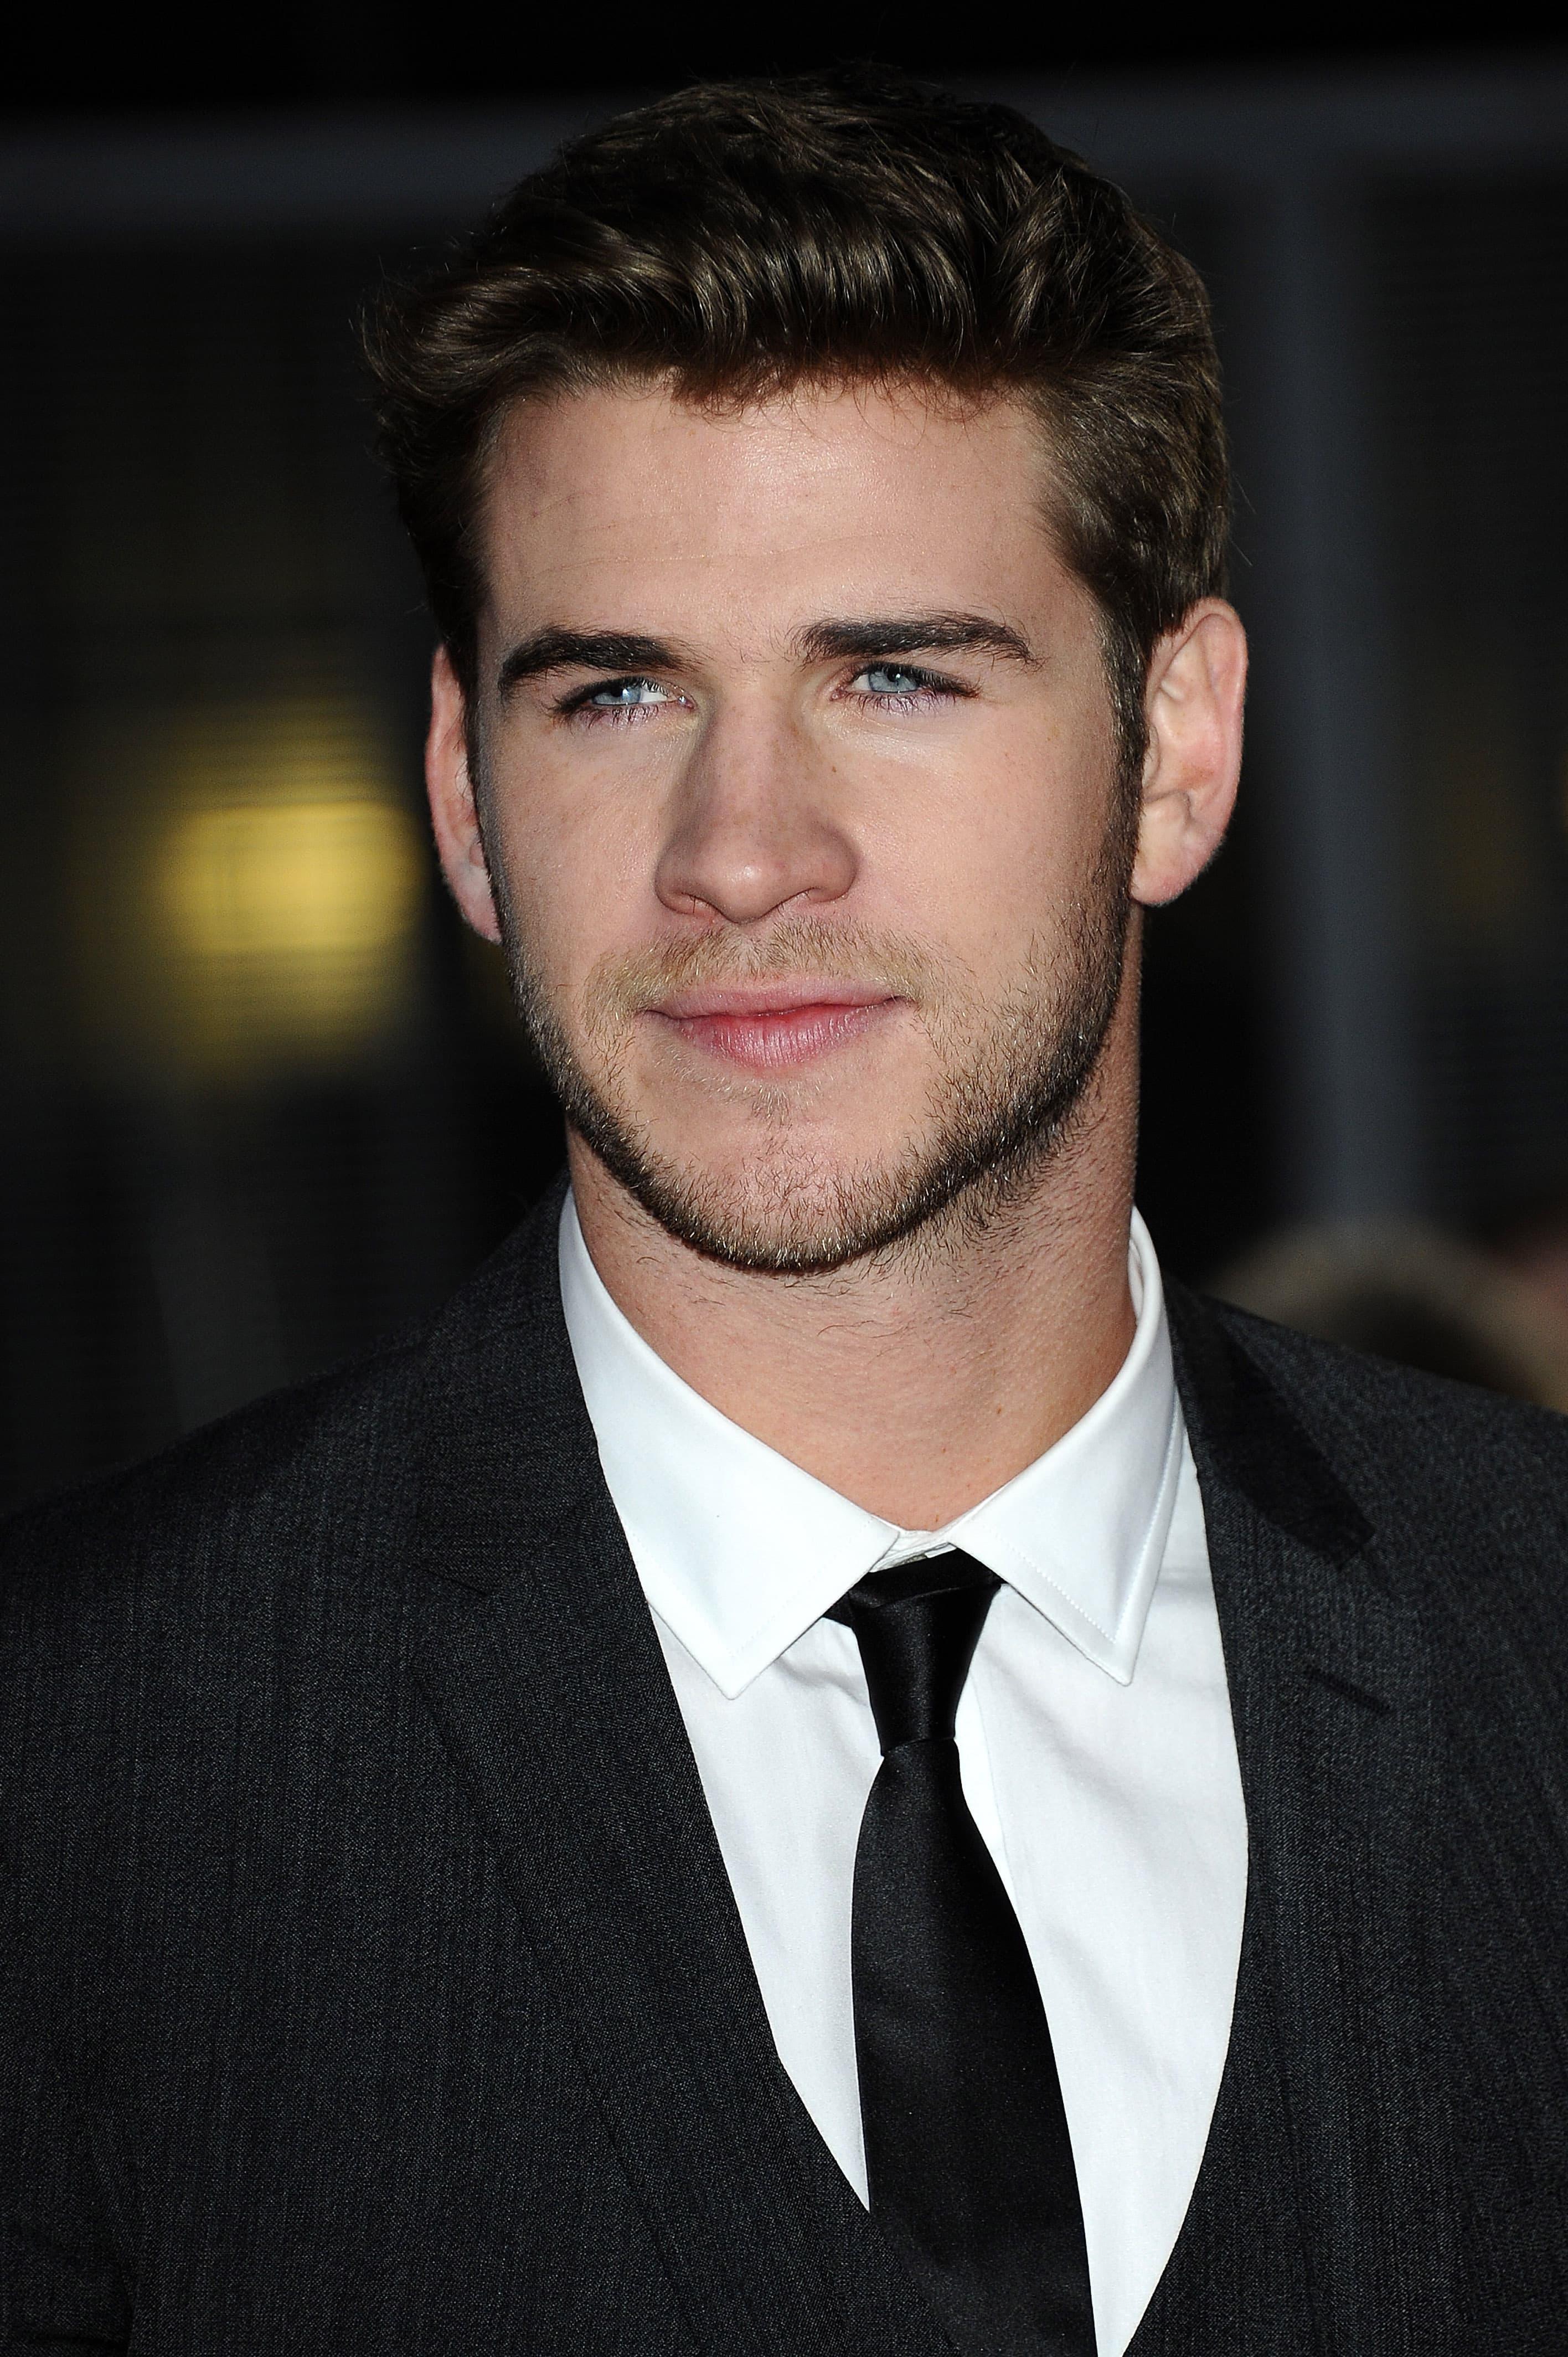 Liam Hemsworth Pictures